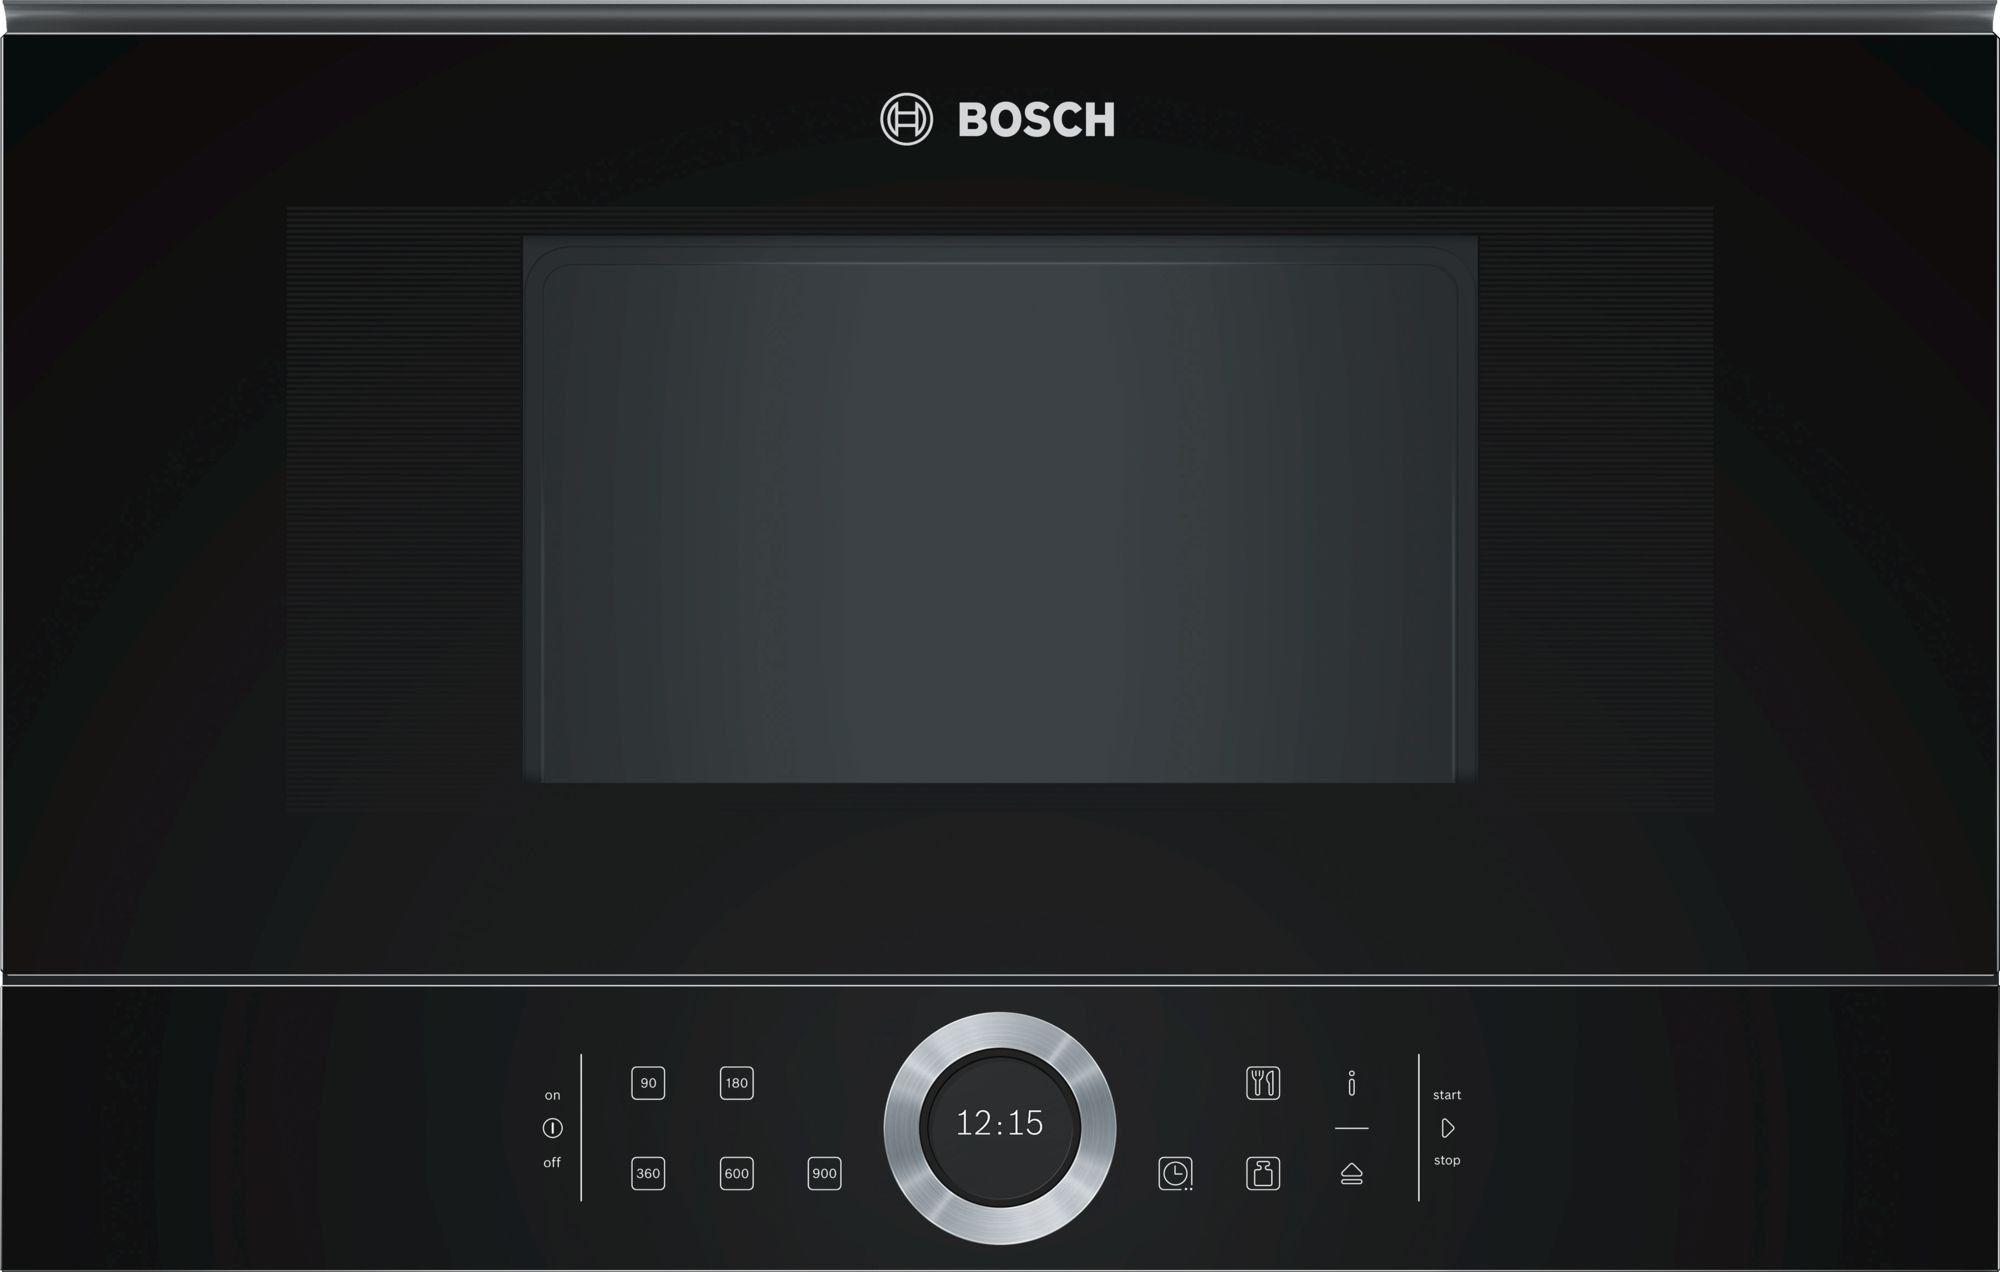 Mikrofala Bosch BFL634GB1 I tel. (22) 266 82 20 I Raty 0 % I kto pyta płaci mniej I Płatności online !